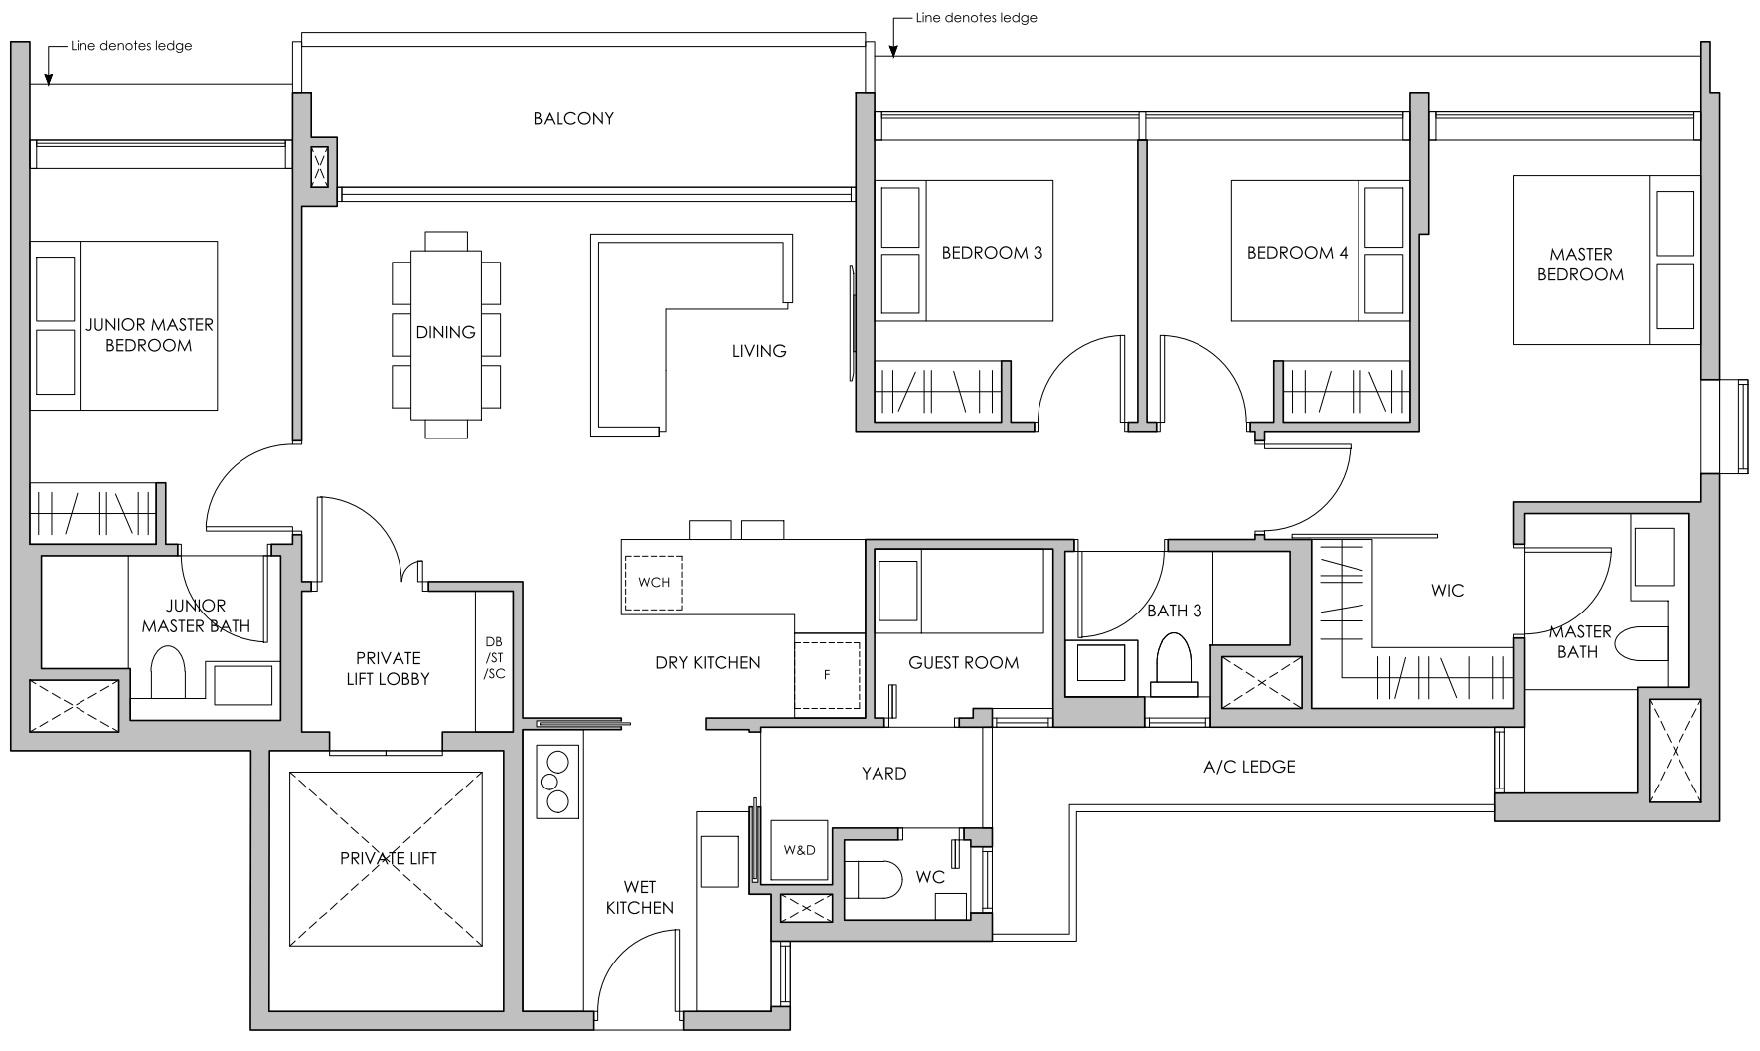 Pasir ris 8 floor plan 4 Bedroom